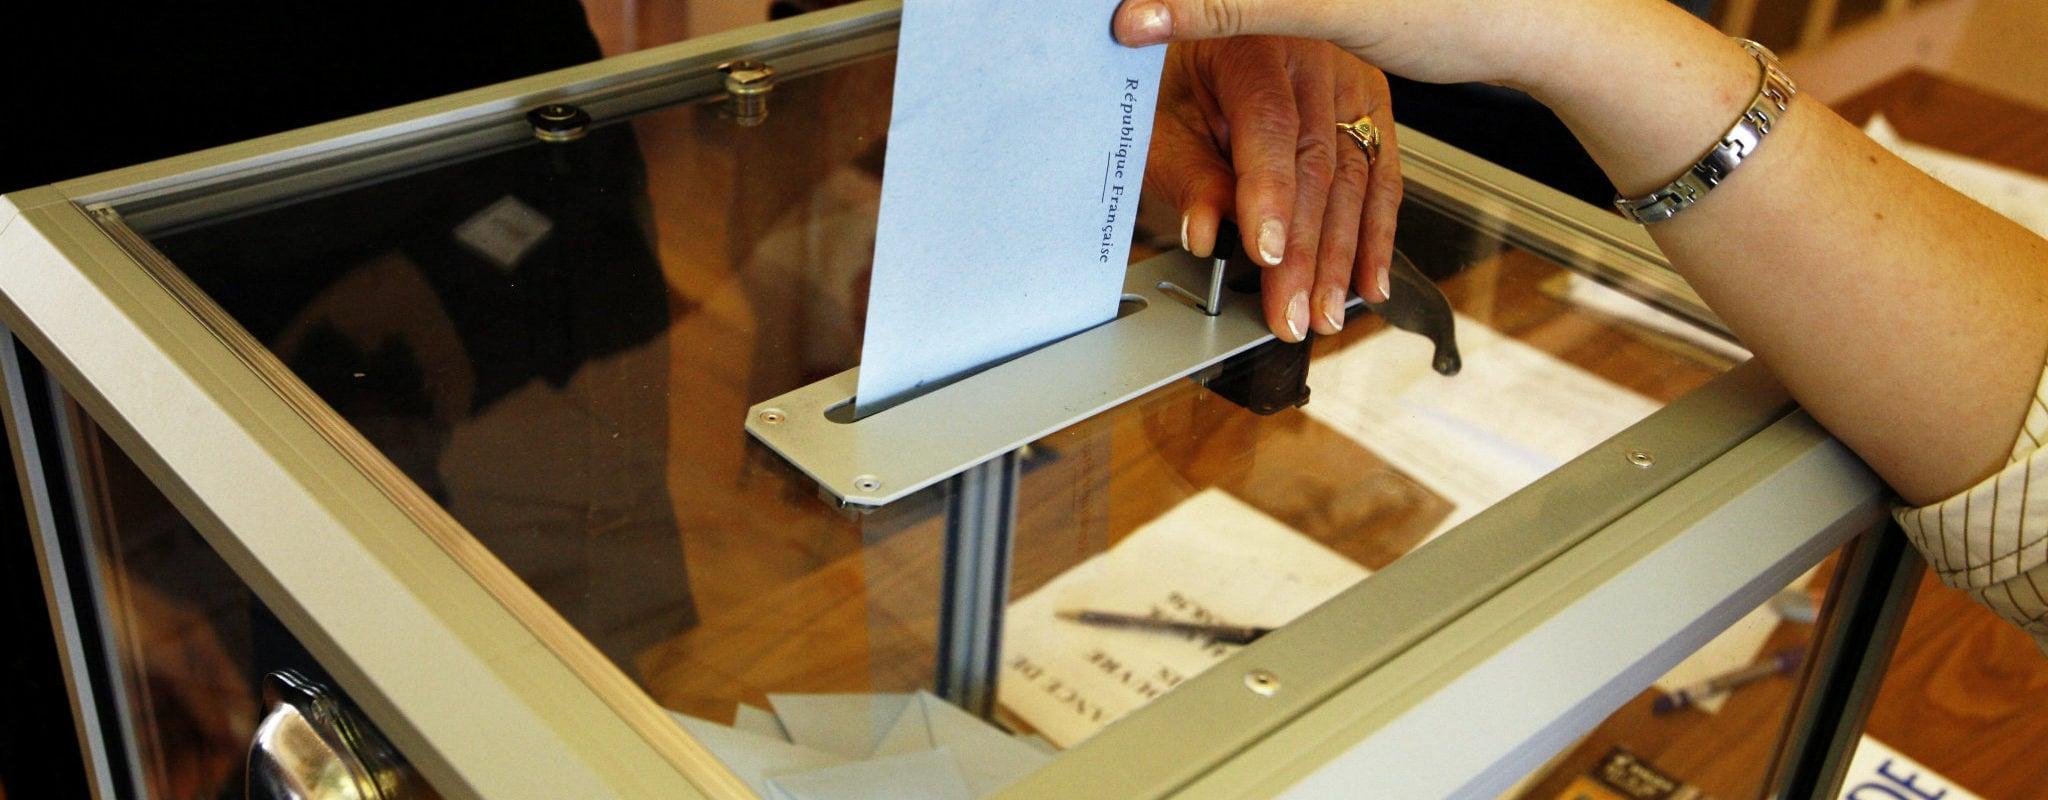 Agent d'accueil et gel hydroalcoolique, dans les bureaux de vote ce dimanche contre le coronavirus